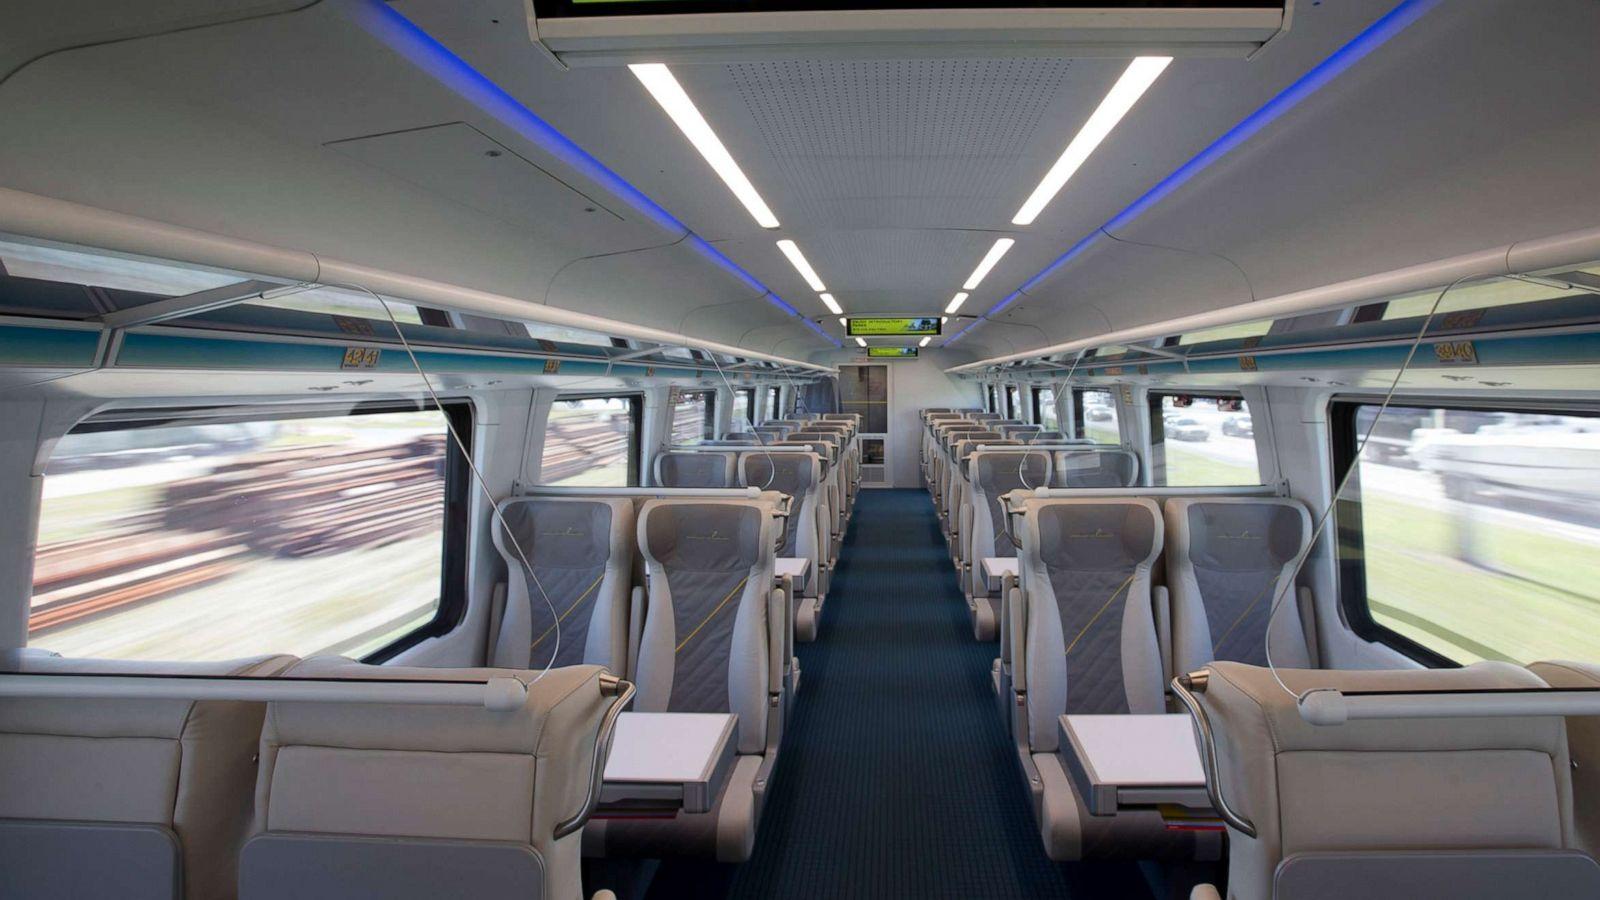 قطار فائق السرعة  لكازينوهات لاس فيغاس